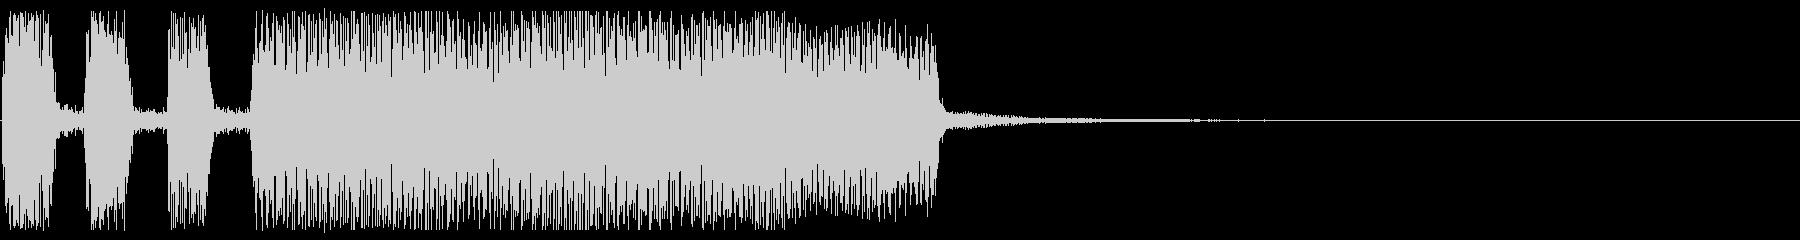 失敗音ジングル_ゲーム、アプリ、映像の未再生の波形